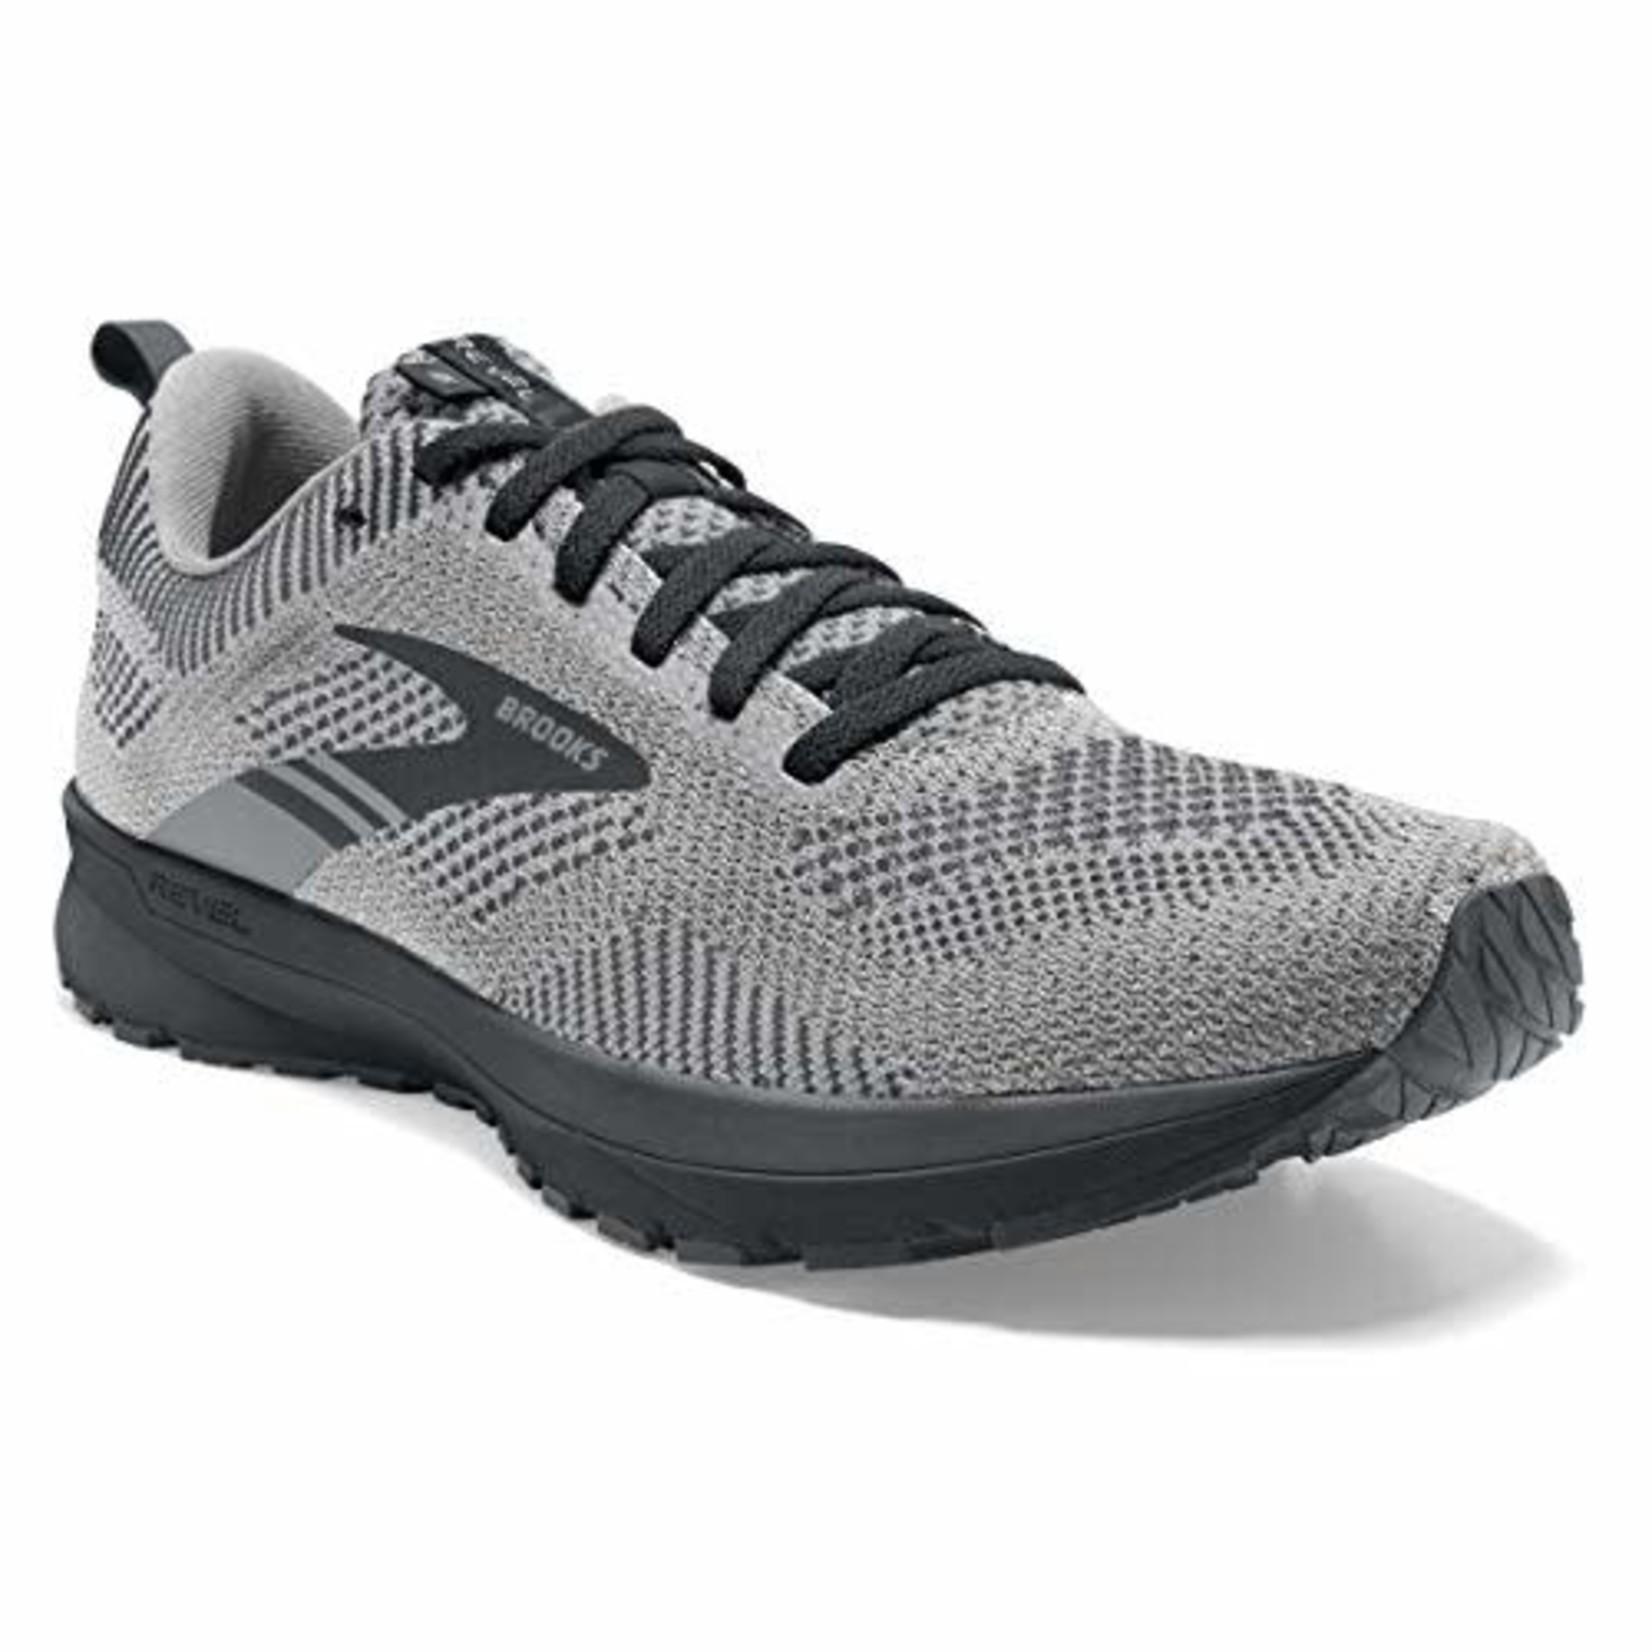 Brooks Brooks Running Shoes, Revel 5, Mens